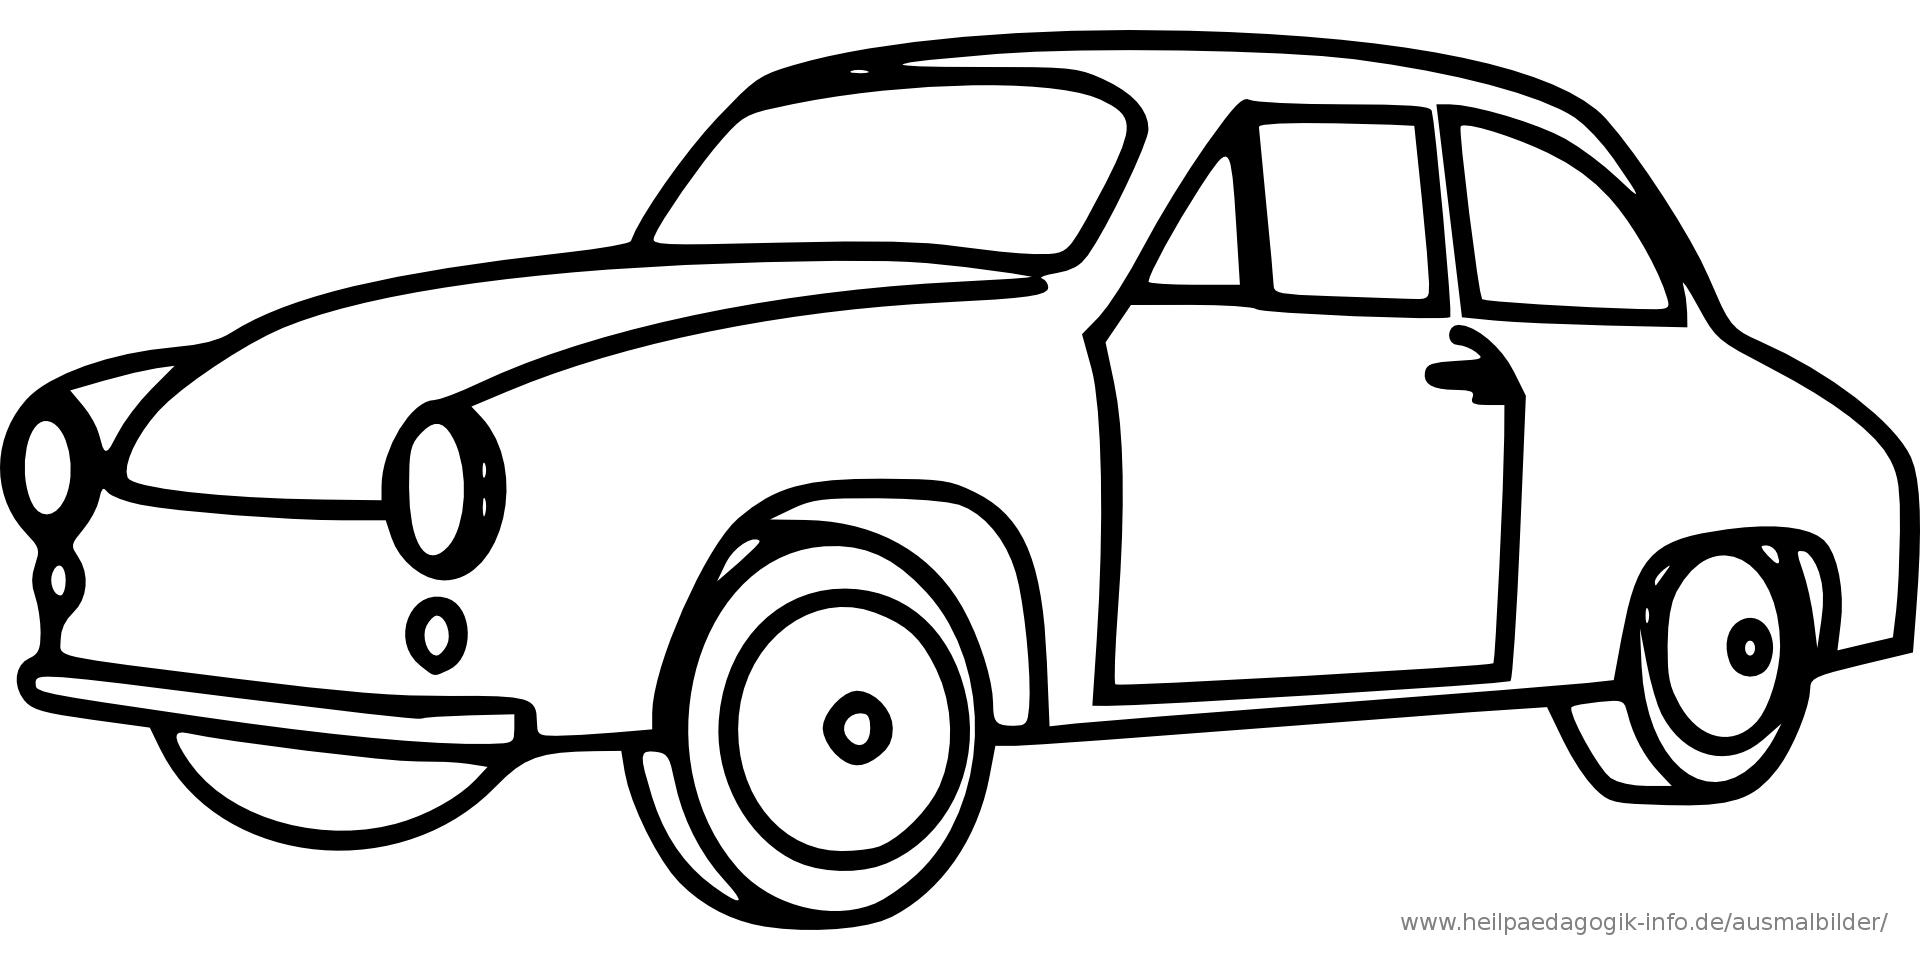 Malvorlage Auto Einfach Ausmalbilder F R Kinder Baby Pinterest